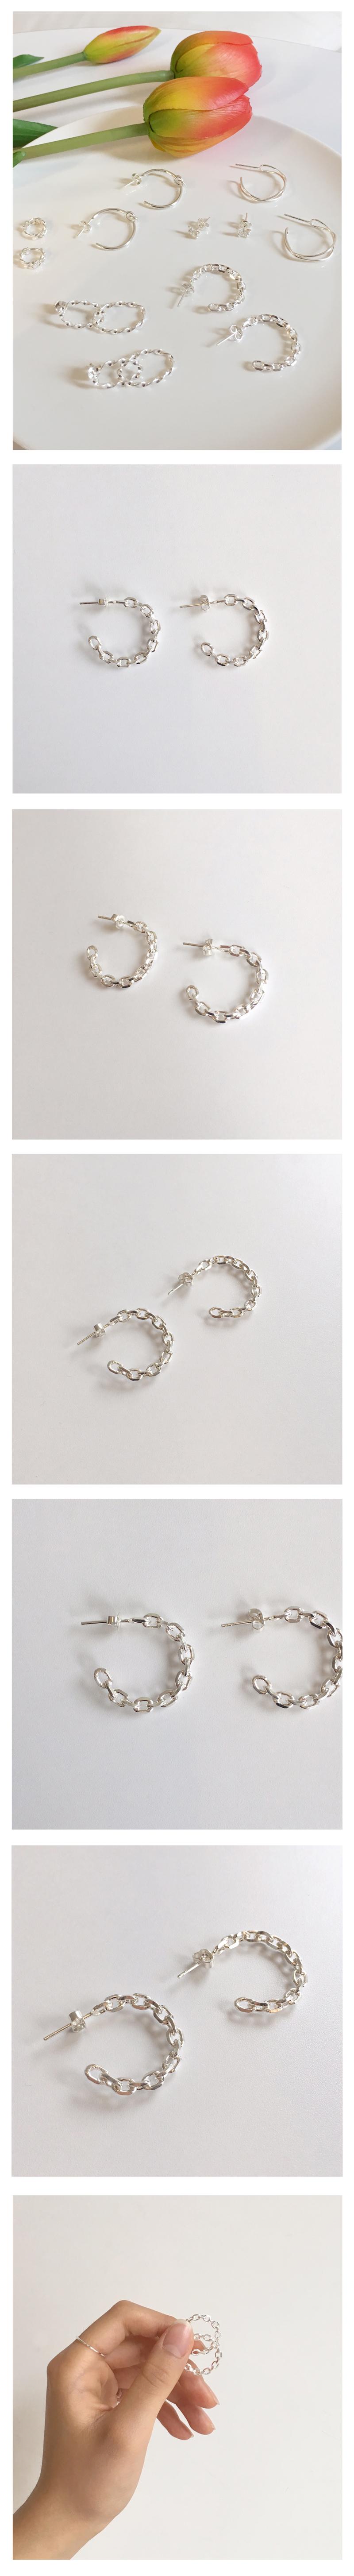 big chain earring